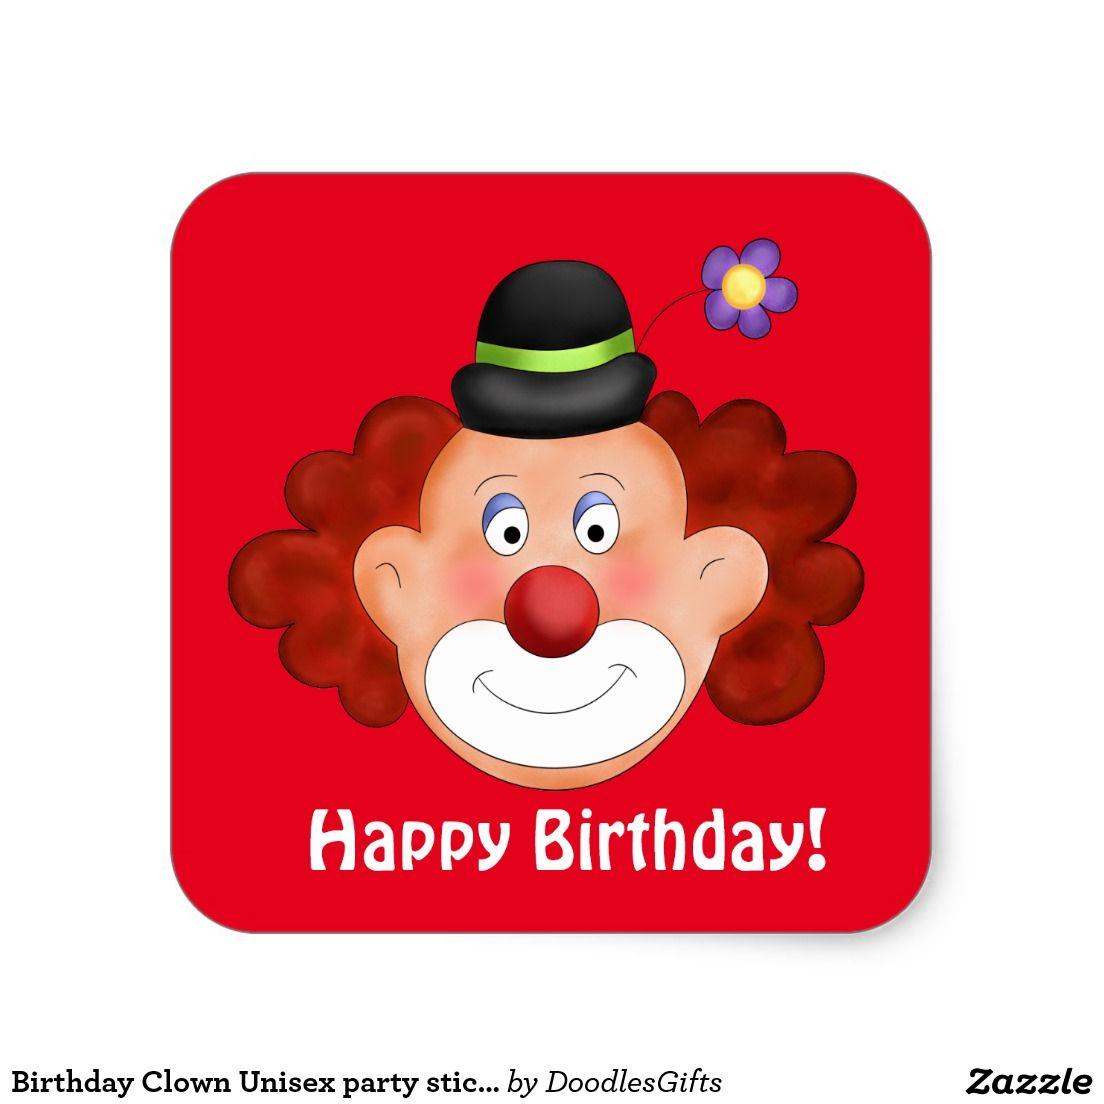 Birthday Clown Unisex party sticker Birthday clown